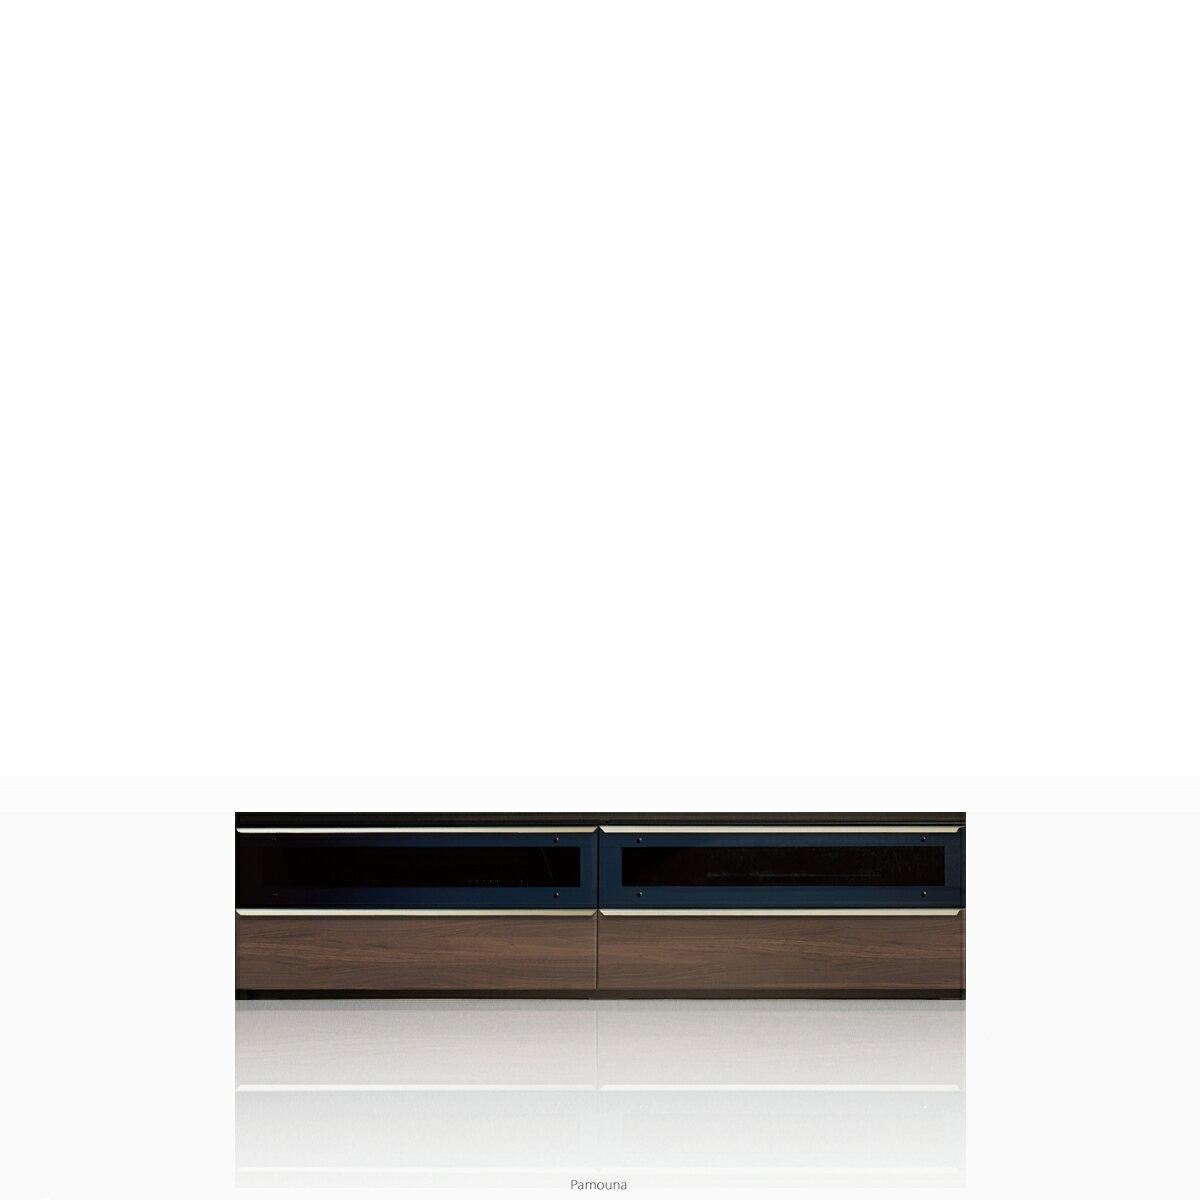 パモウナ テレビ台 VWシリーズ VW-1800 テレビ台/テレビボード ローボード (幅180cm, ウォールナット)【この商品は配送地域限定[本州、四国、九州]】【同梱不可】【店頭受取対応商品】